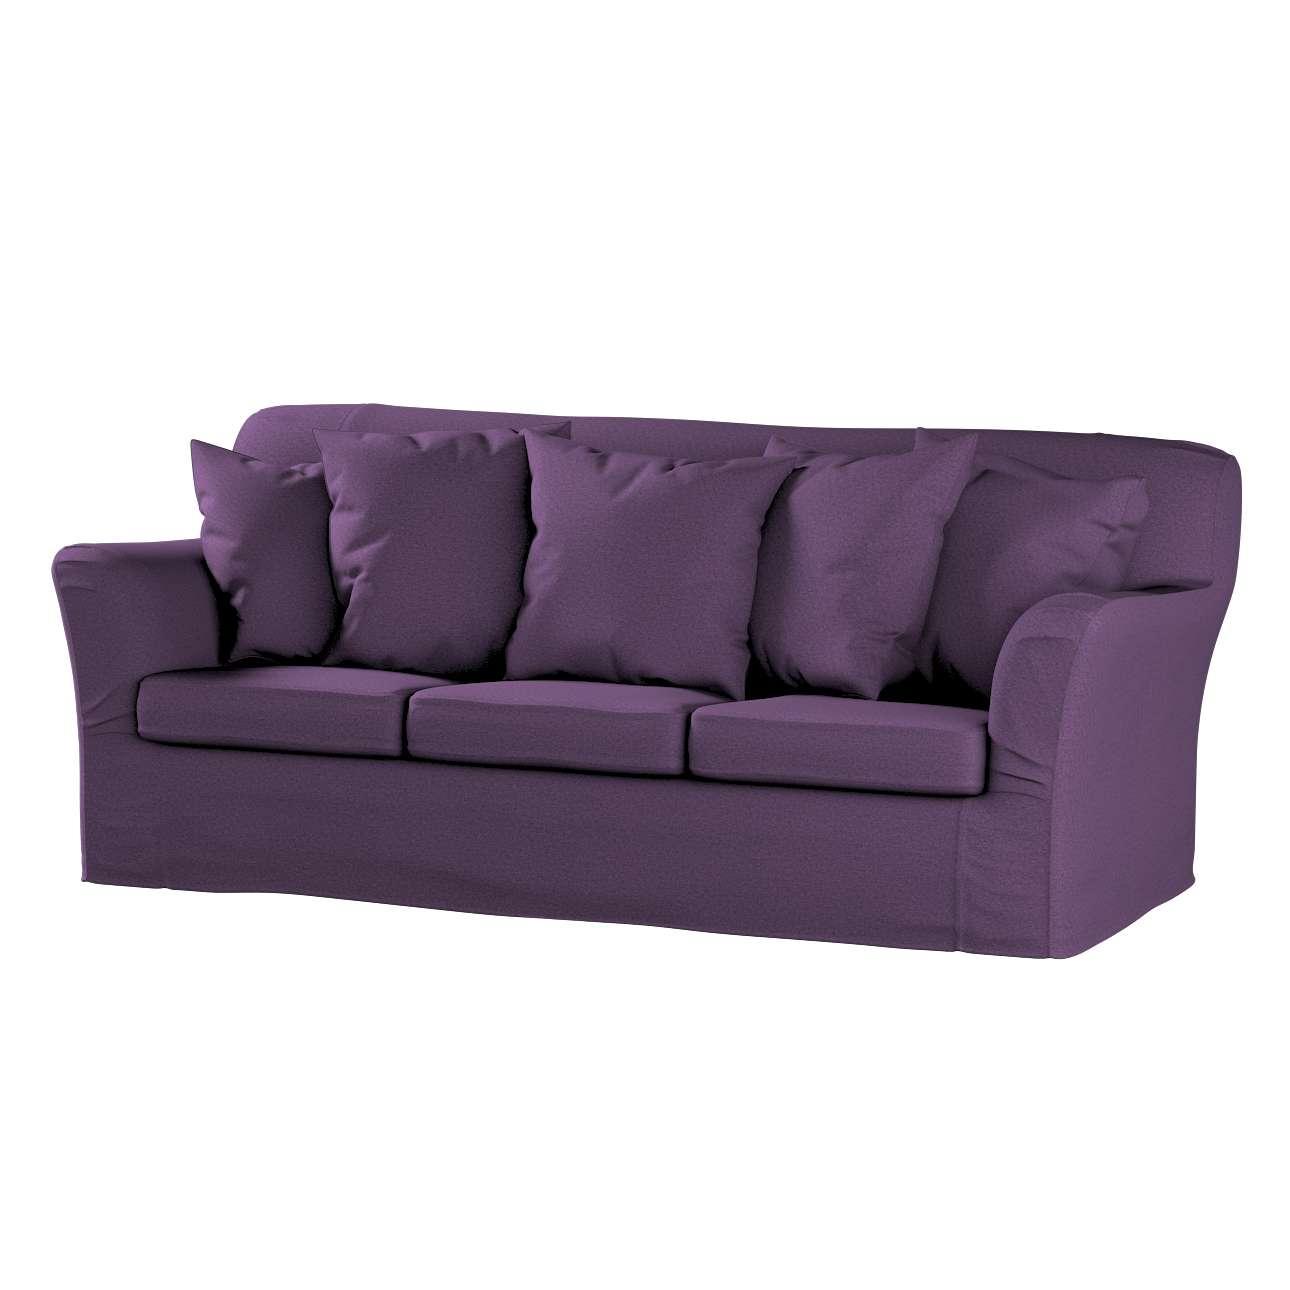 Pokrowiec na sofę Tomelilla 3-osobową nierozkładaną w kolekcji Etna, tkanina: 161-27